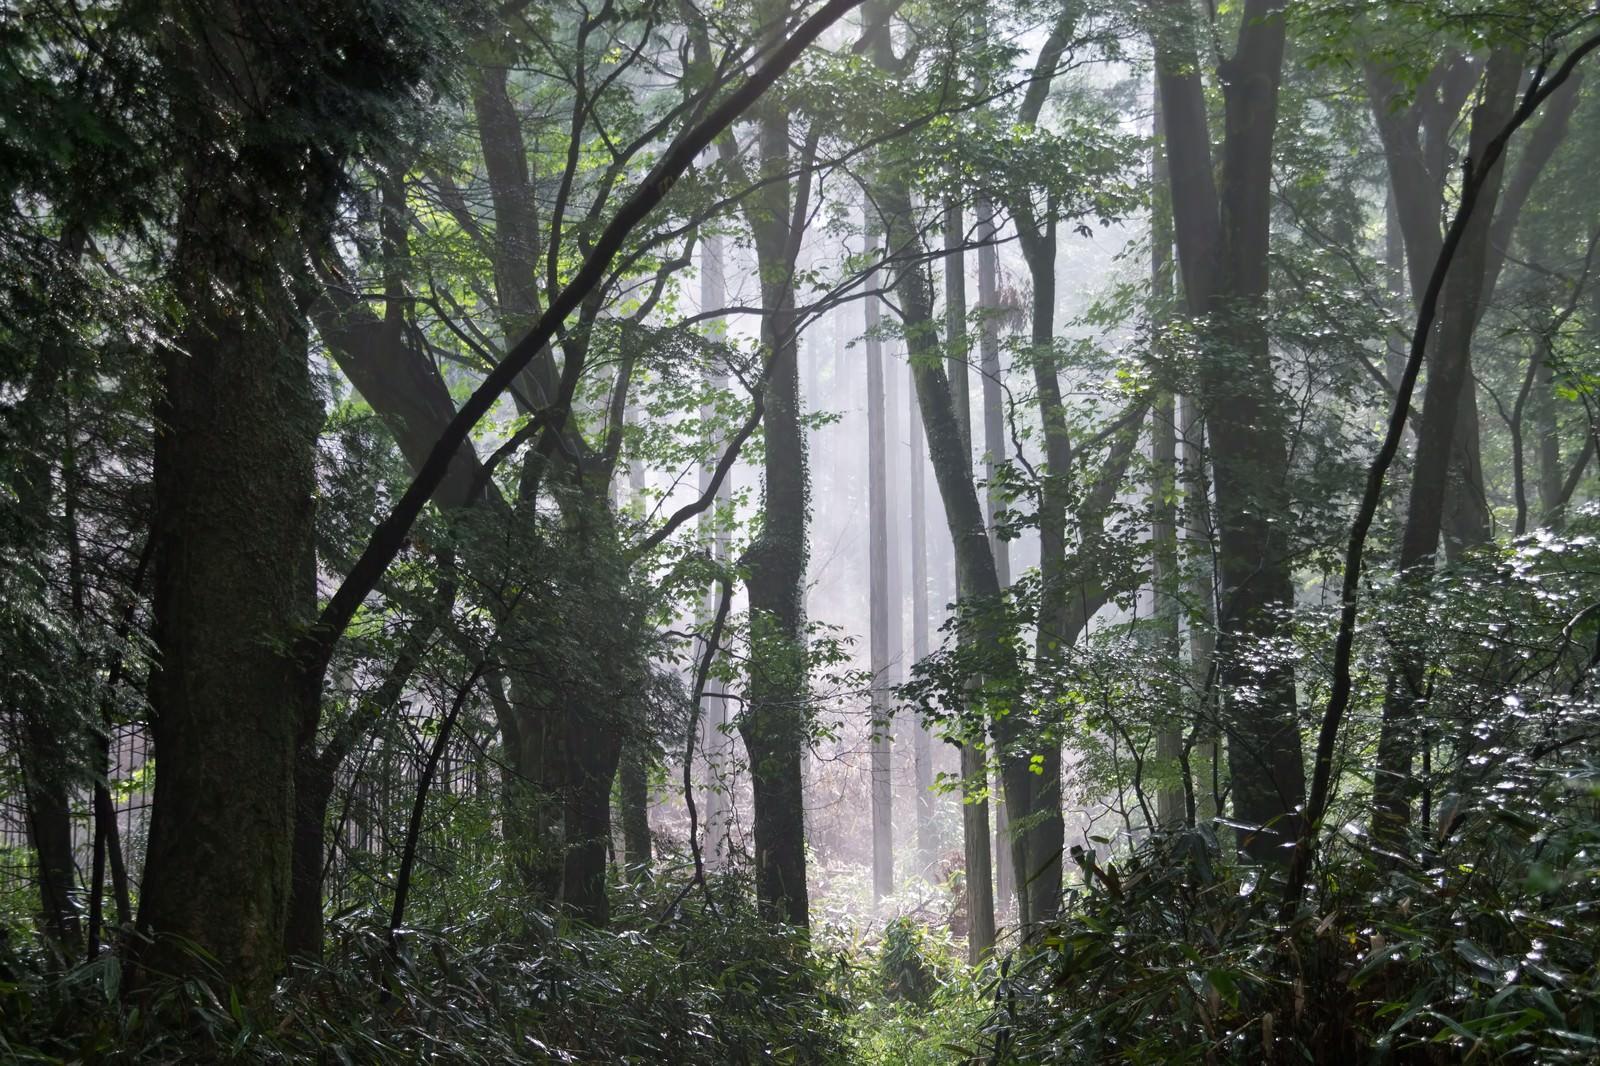 「靄がかかった樹海 | 写真の無料素材・フリー素材 - ぱくたそ」の写真